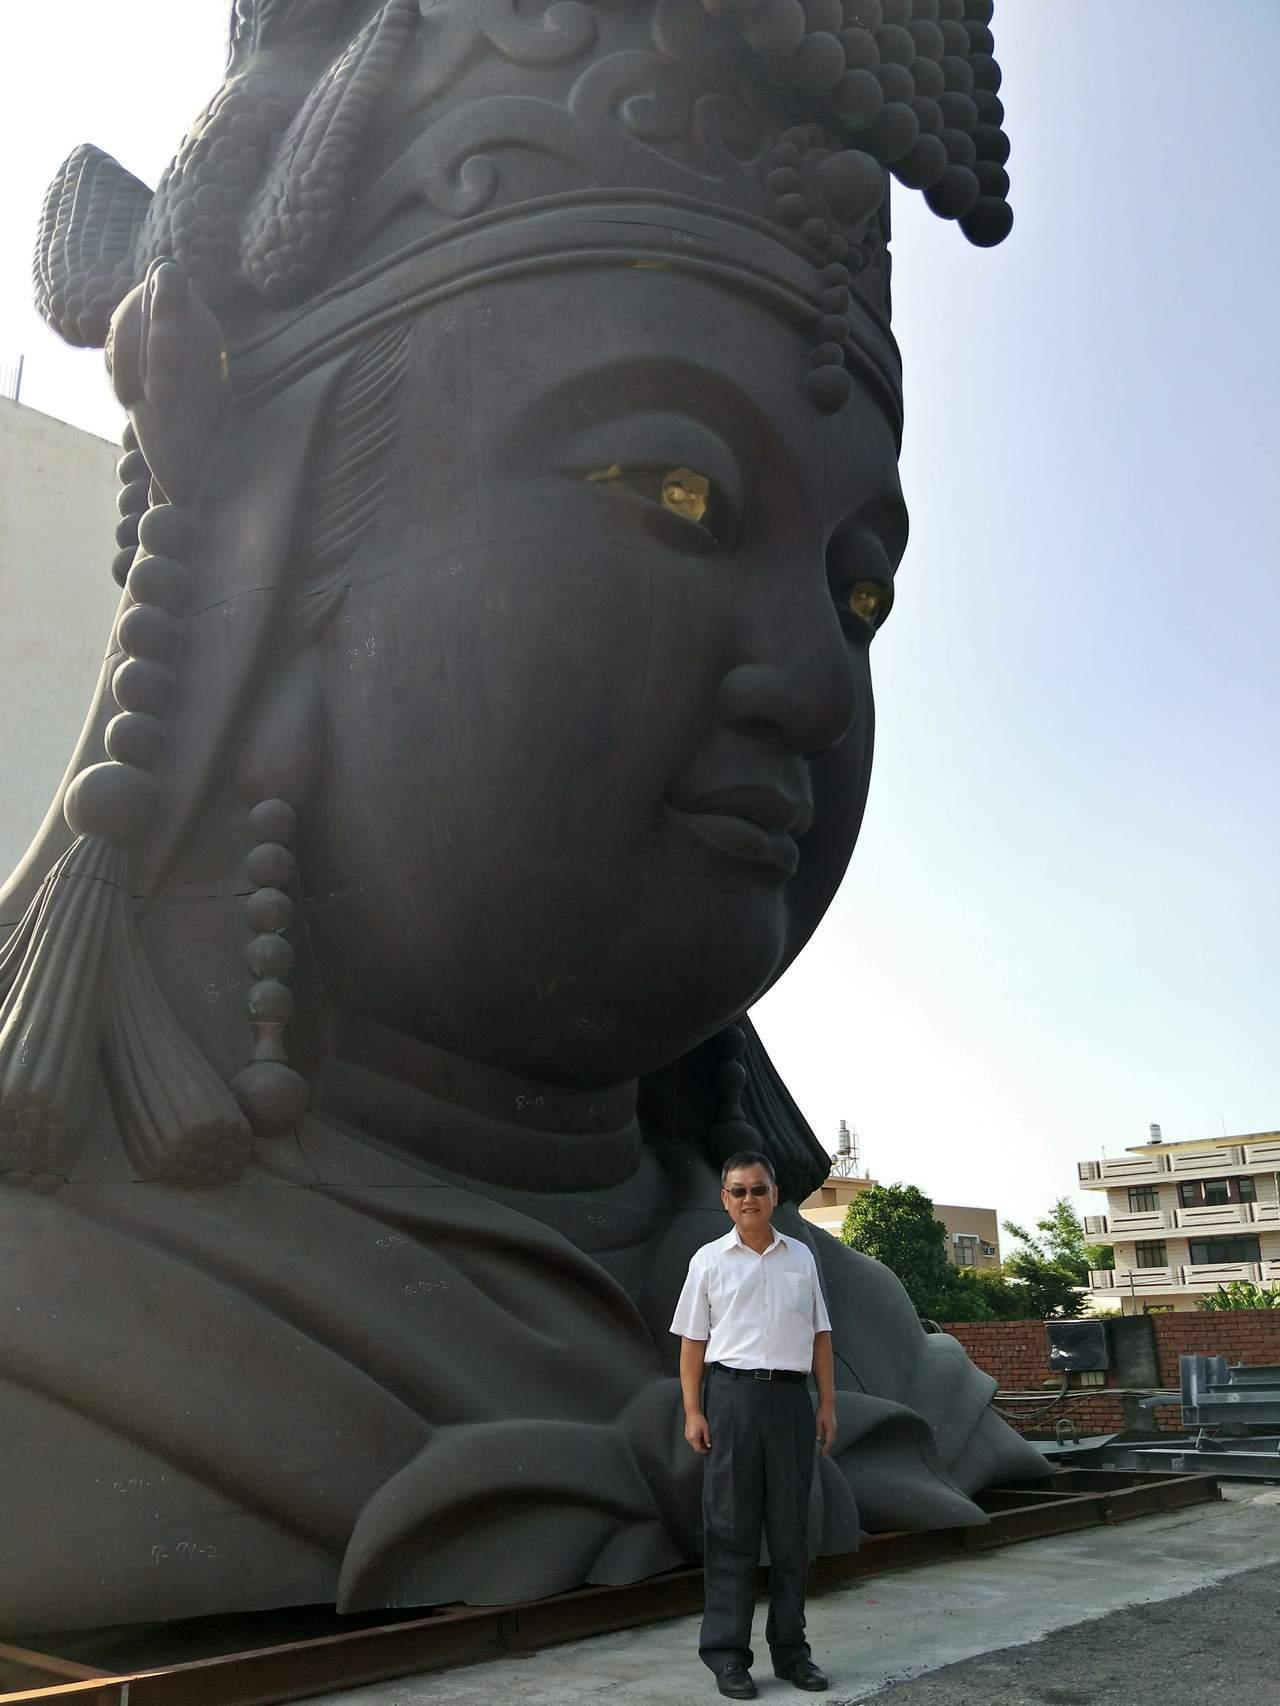 澎湖大倉島媽祖文化園區停建後,已完成的神像暫置在彰化。圖/澎湖縣政府提供